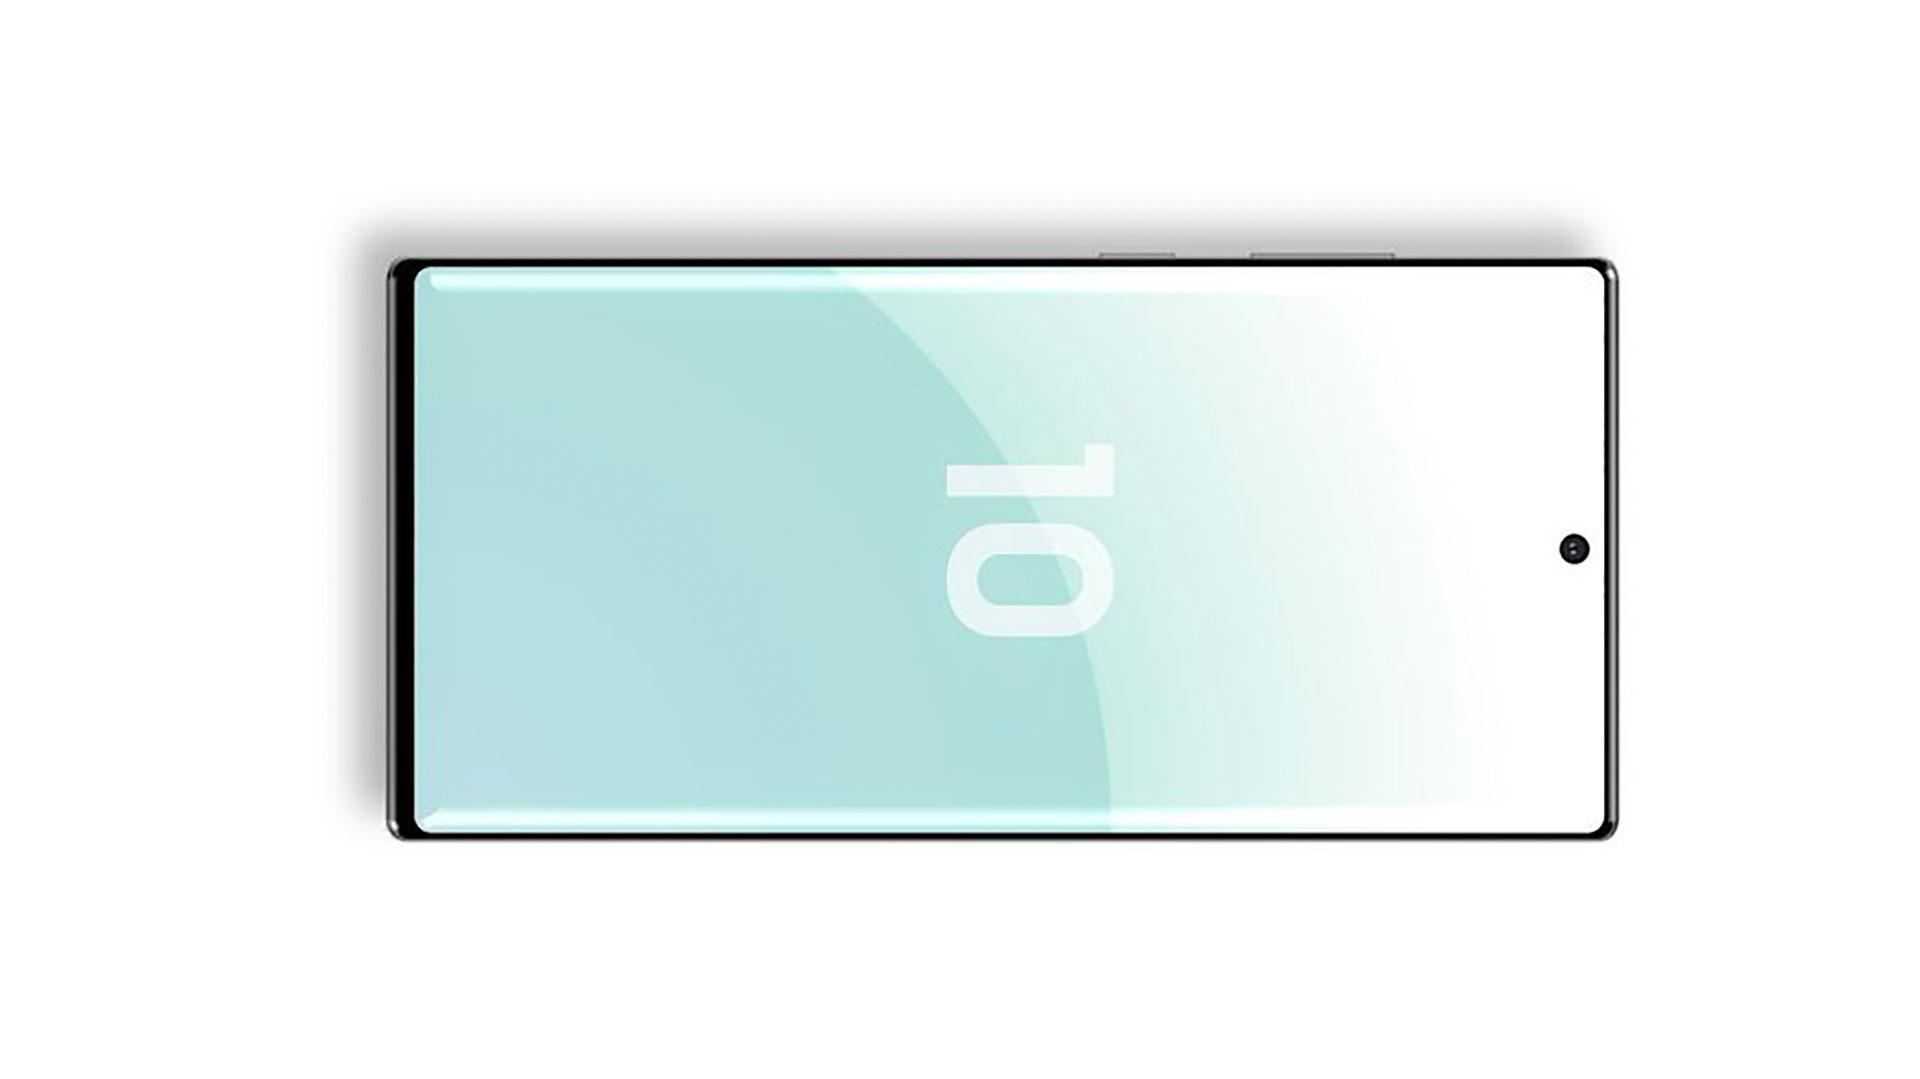 بنچمارک گلکسی نوت ۱۰ 5G با اگزینوس ۹۸۲۵ را ببینید